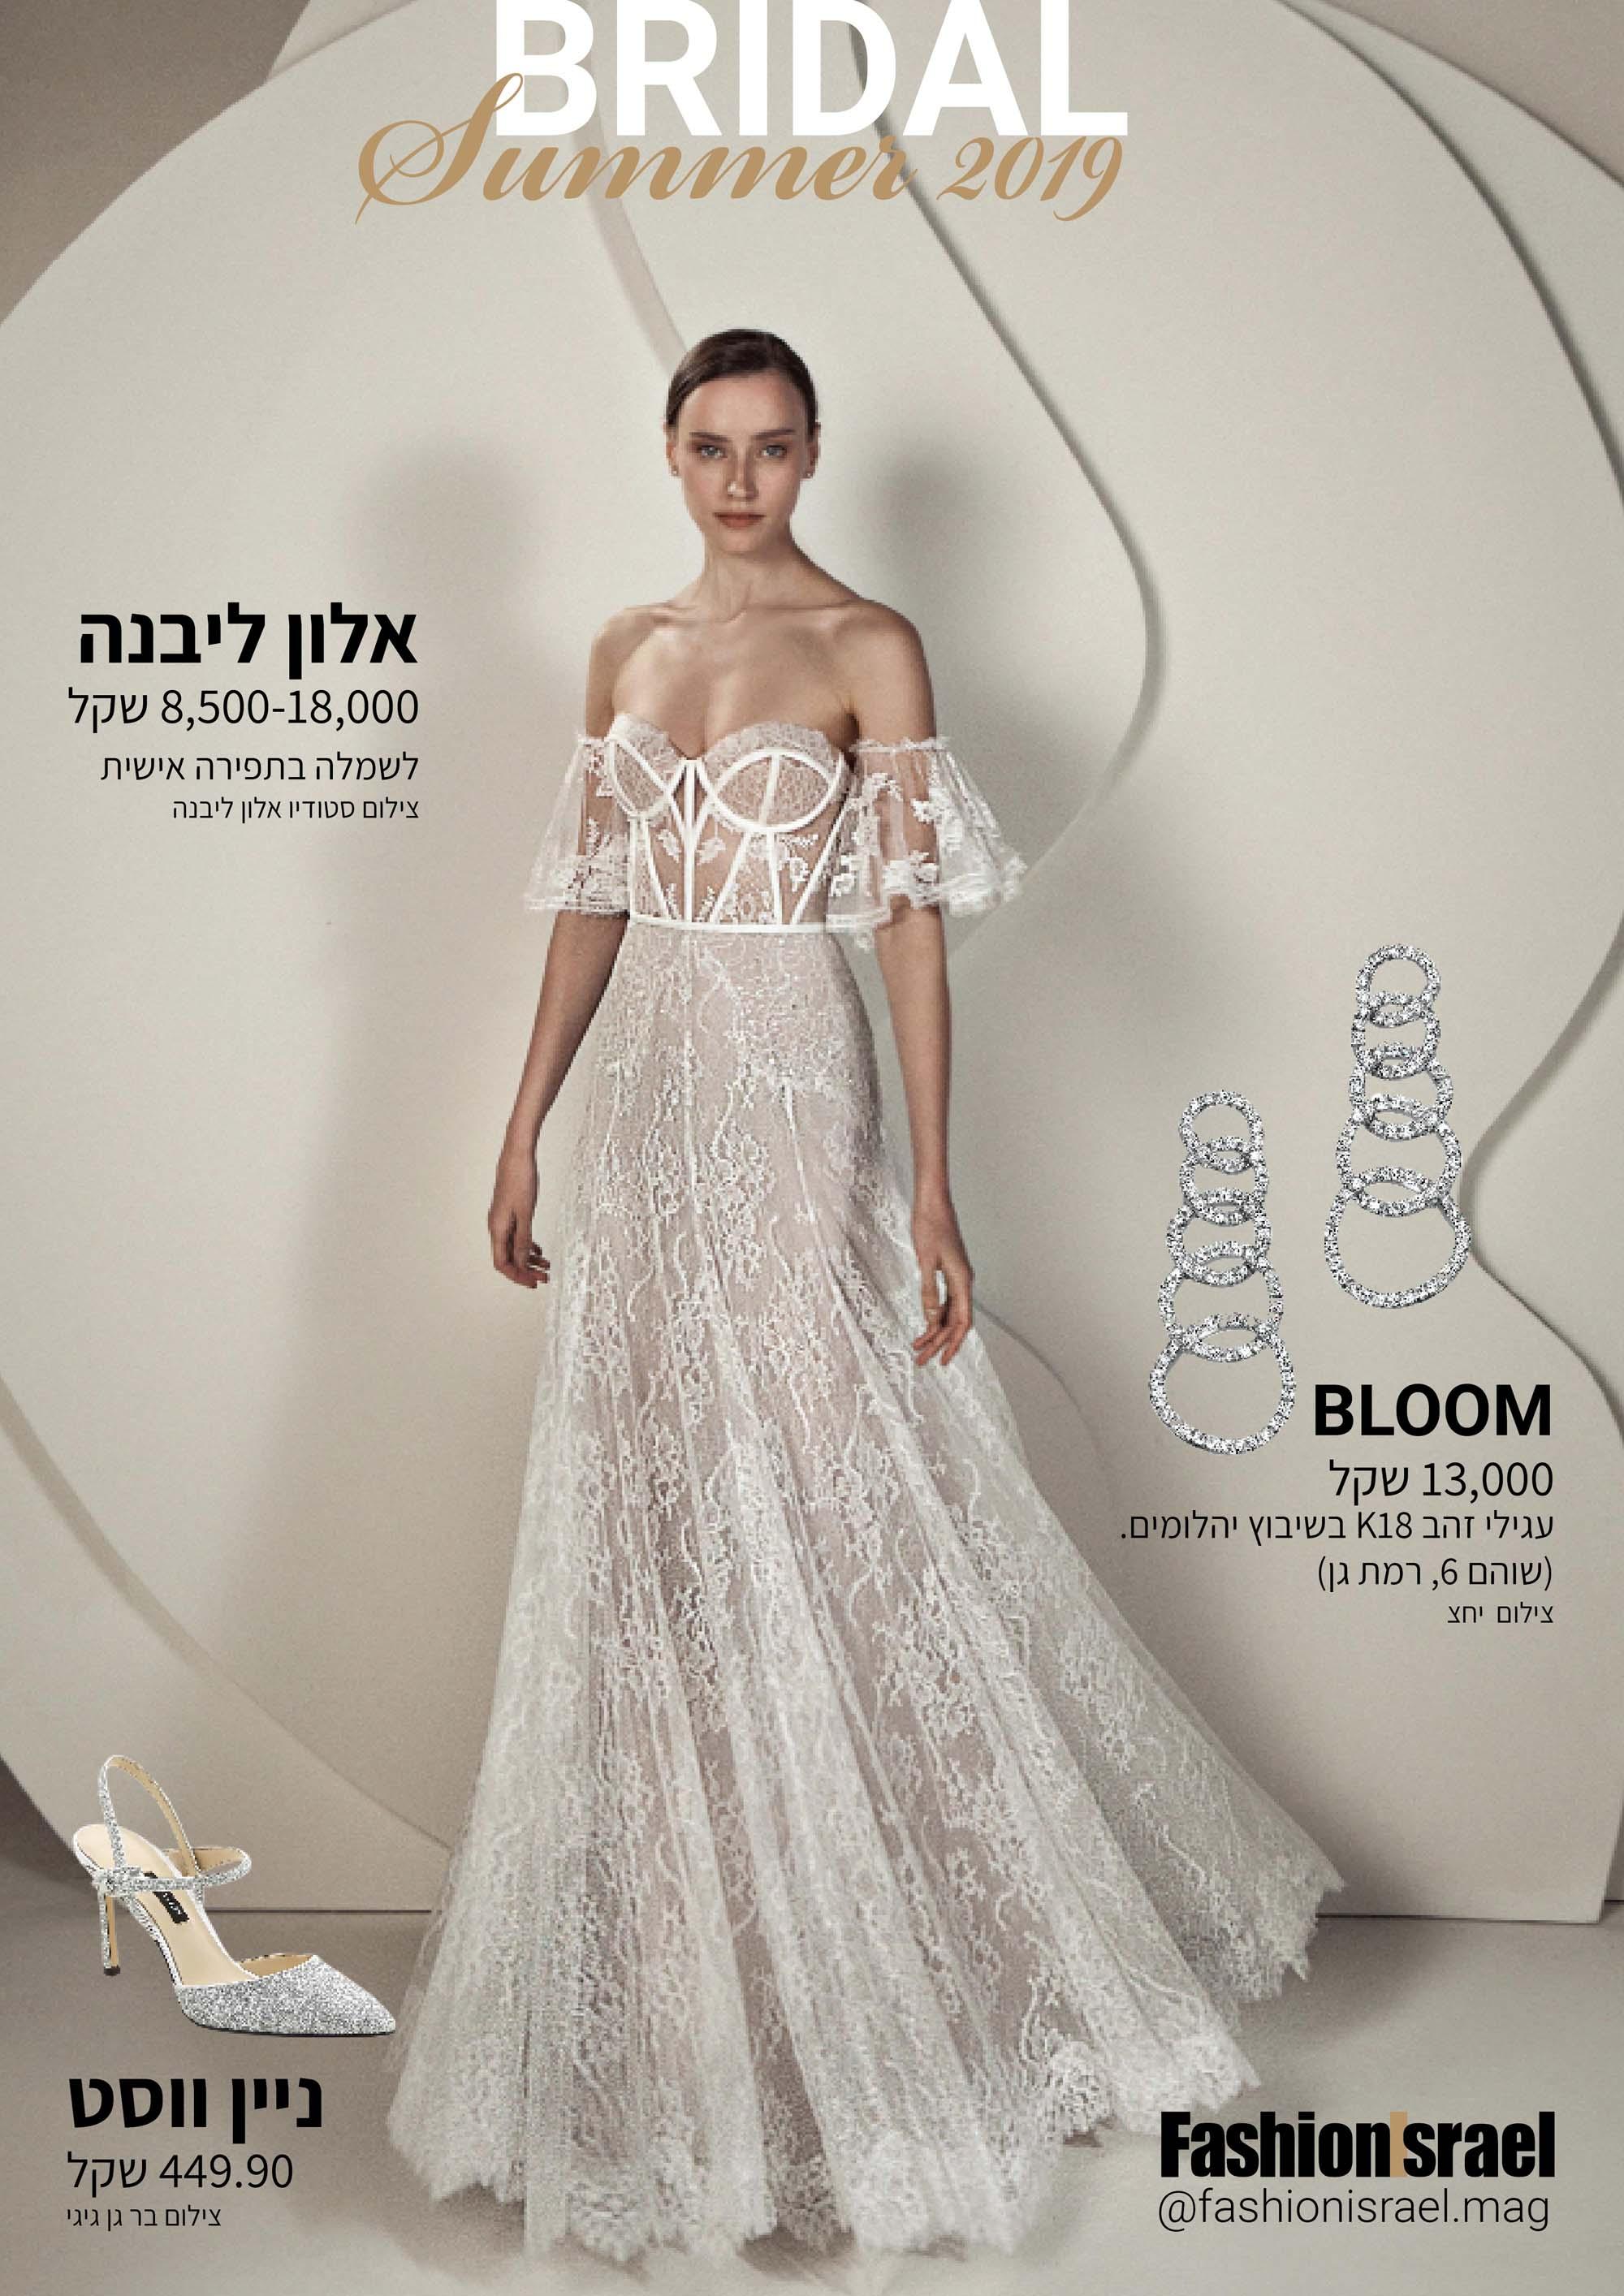 שמלה: אלון ליבנה, תכשיטים: BLOOM, נעליים: ניין ווסט